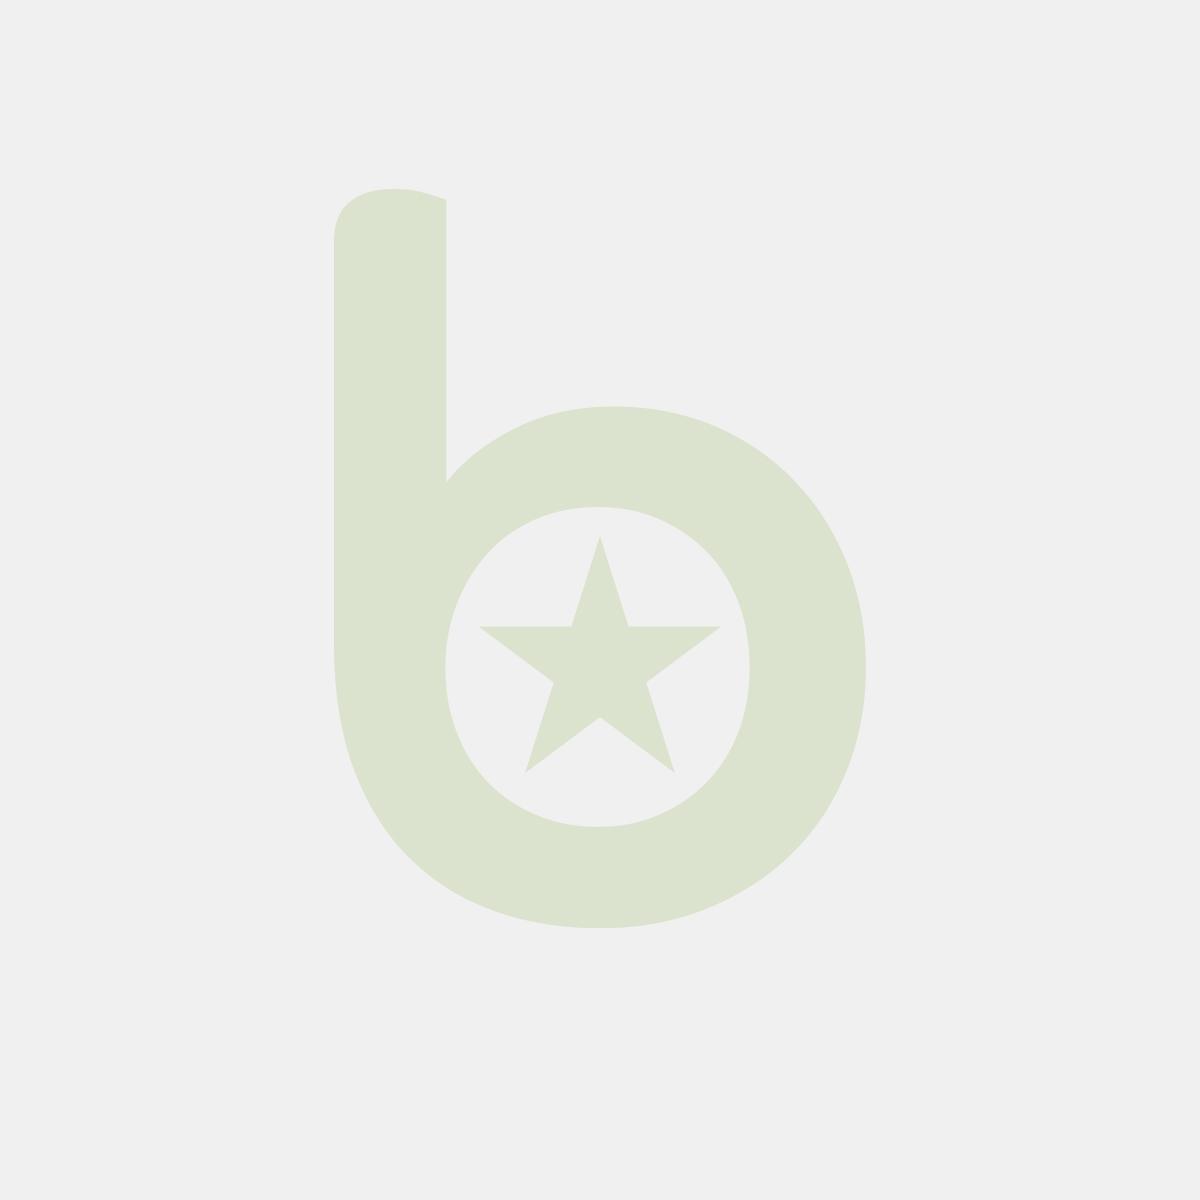 Talerzyk FINGERFOOD biały, 13/13 cm, PS, 12 szt. w opakowaniu